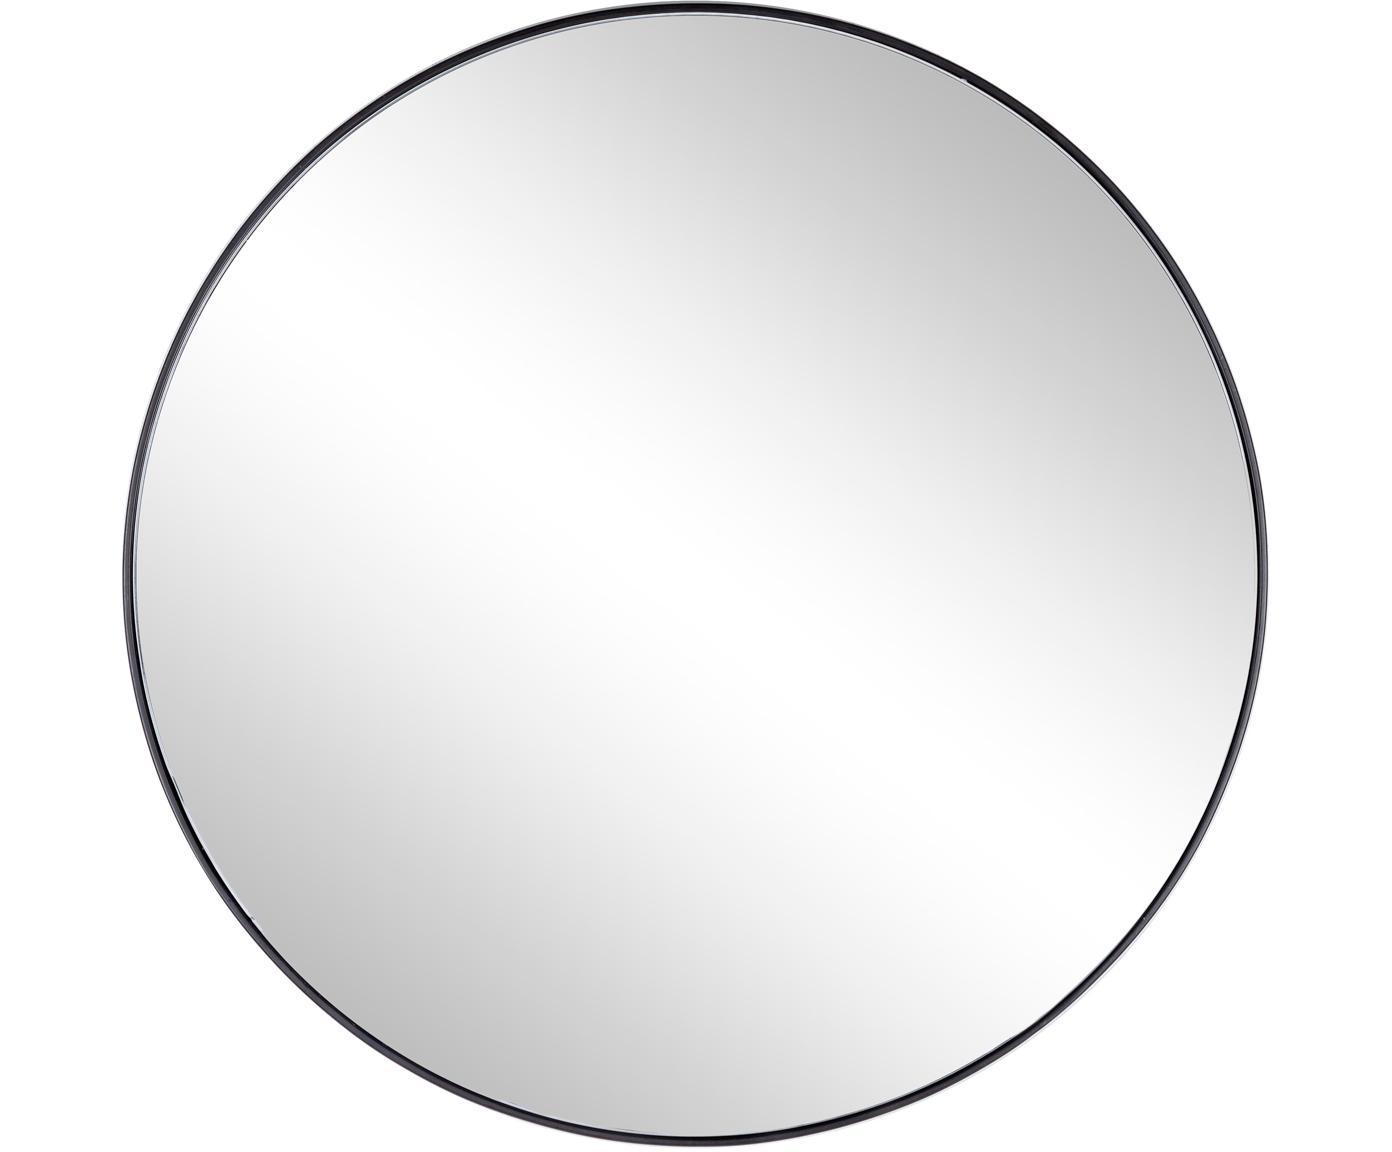 Wandspiegel Nucleos, Rahmen: Metall, beschichtet, Spiegelfläche: Spiegelglas, Schwarz, Ø 70 cm